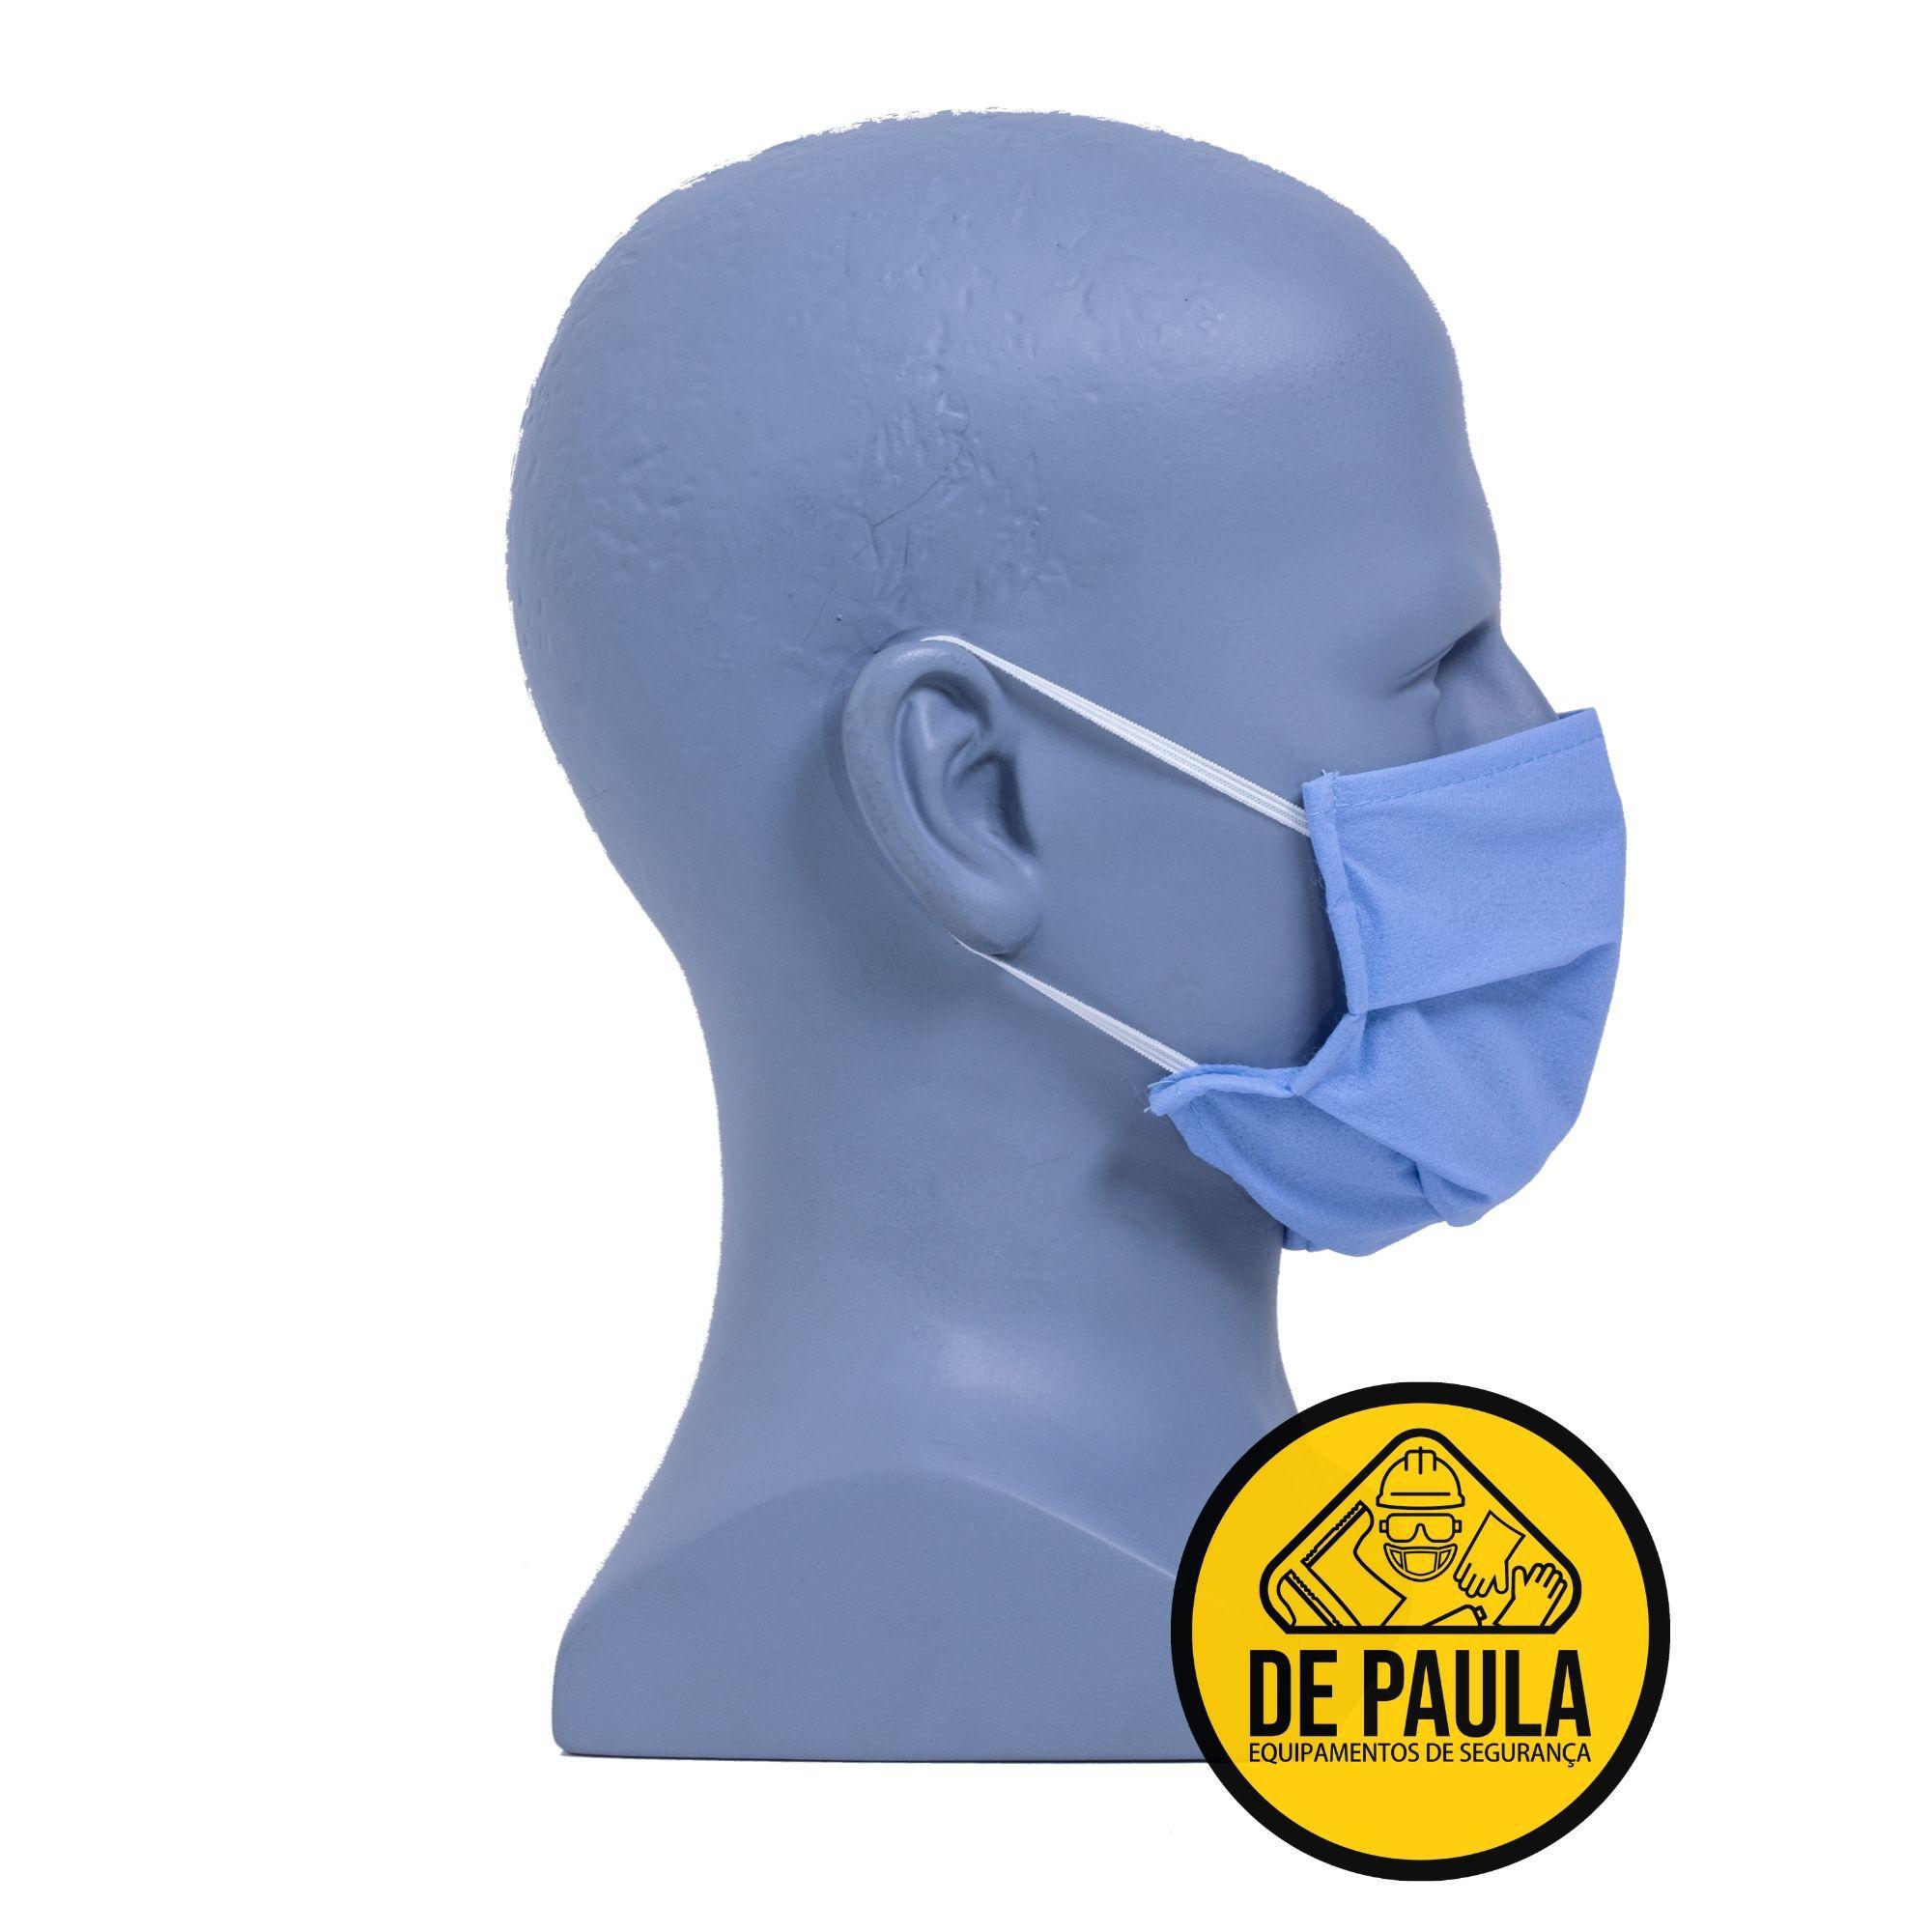 MÁSCARA EM TNT GRAMATURA 0,40 DUPLA CAMADA - PACTE 25  UNID  - DE PAULA EPI